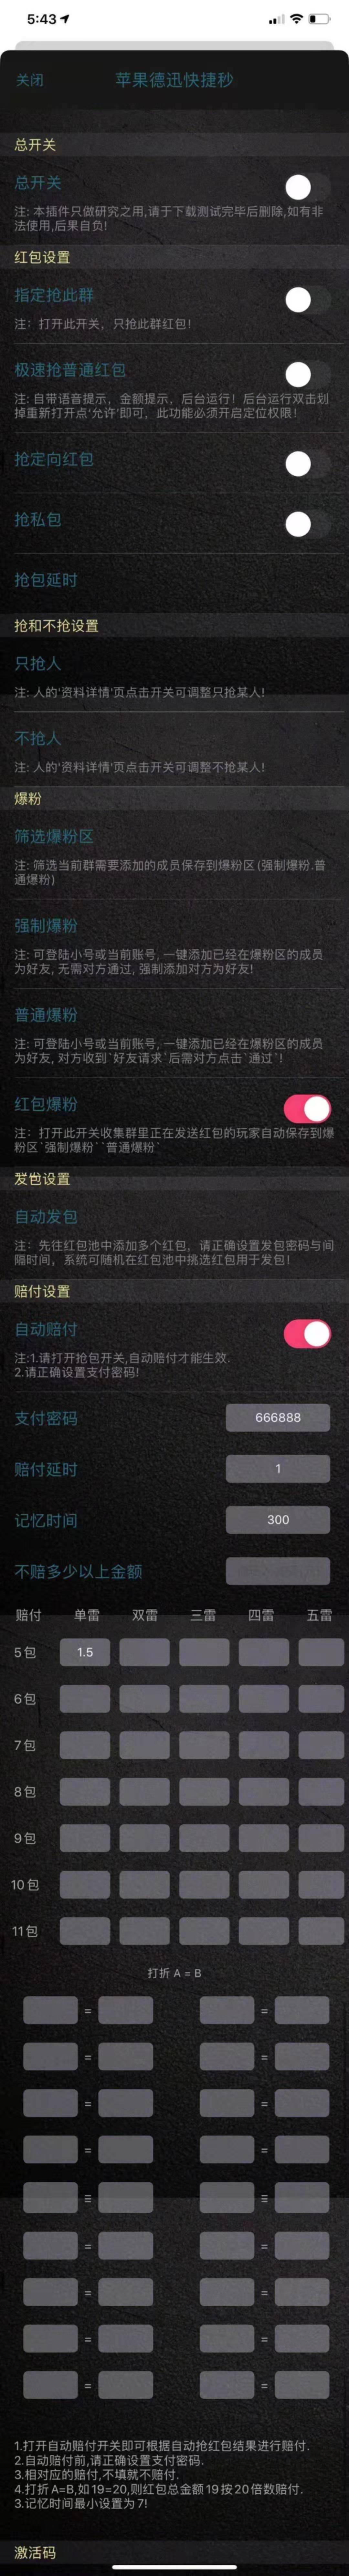 【德讯快捷秒天卡】苹果版